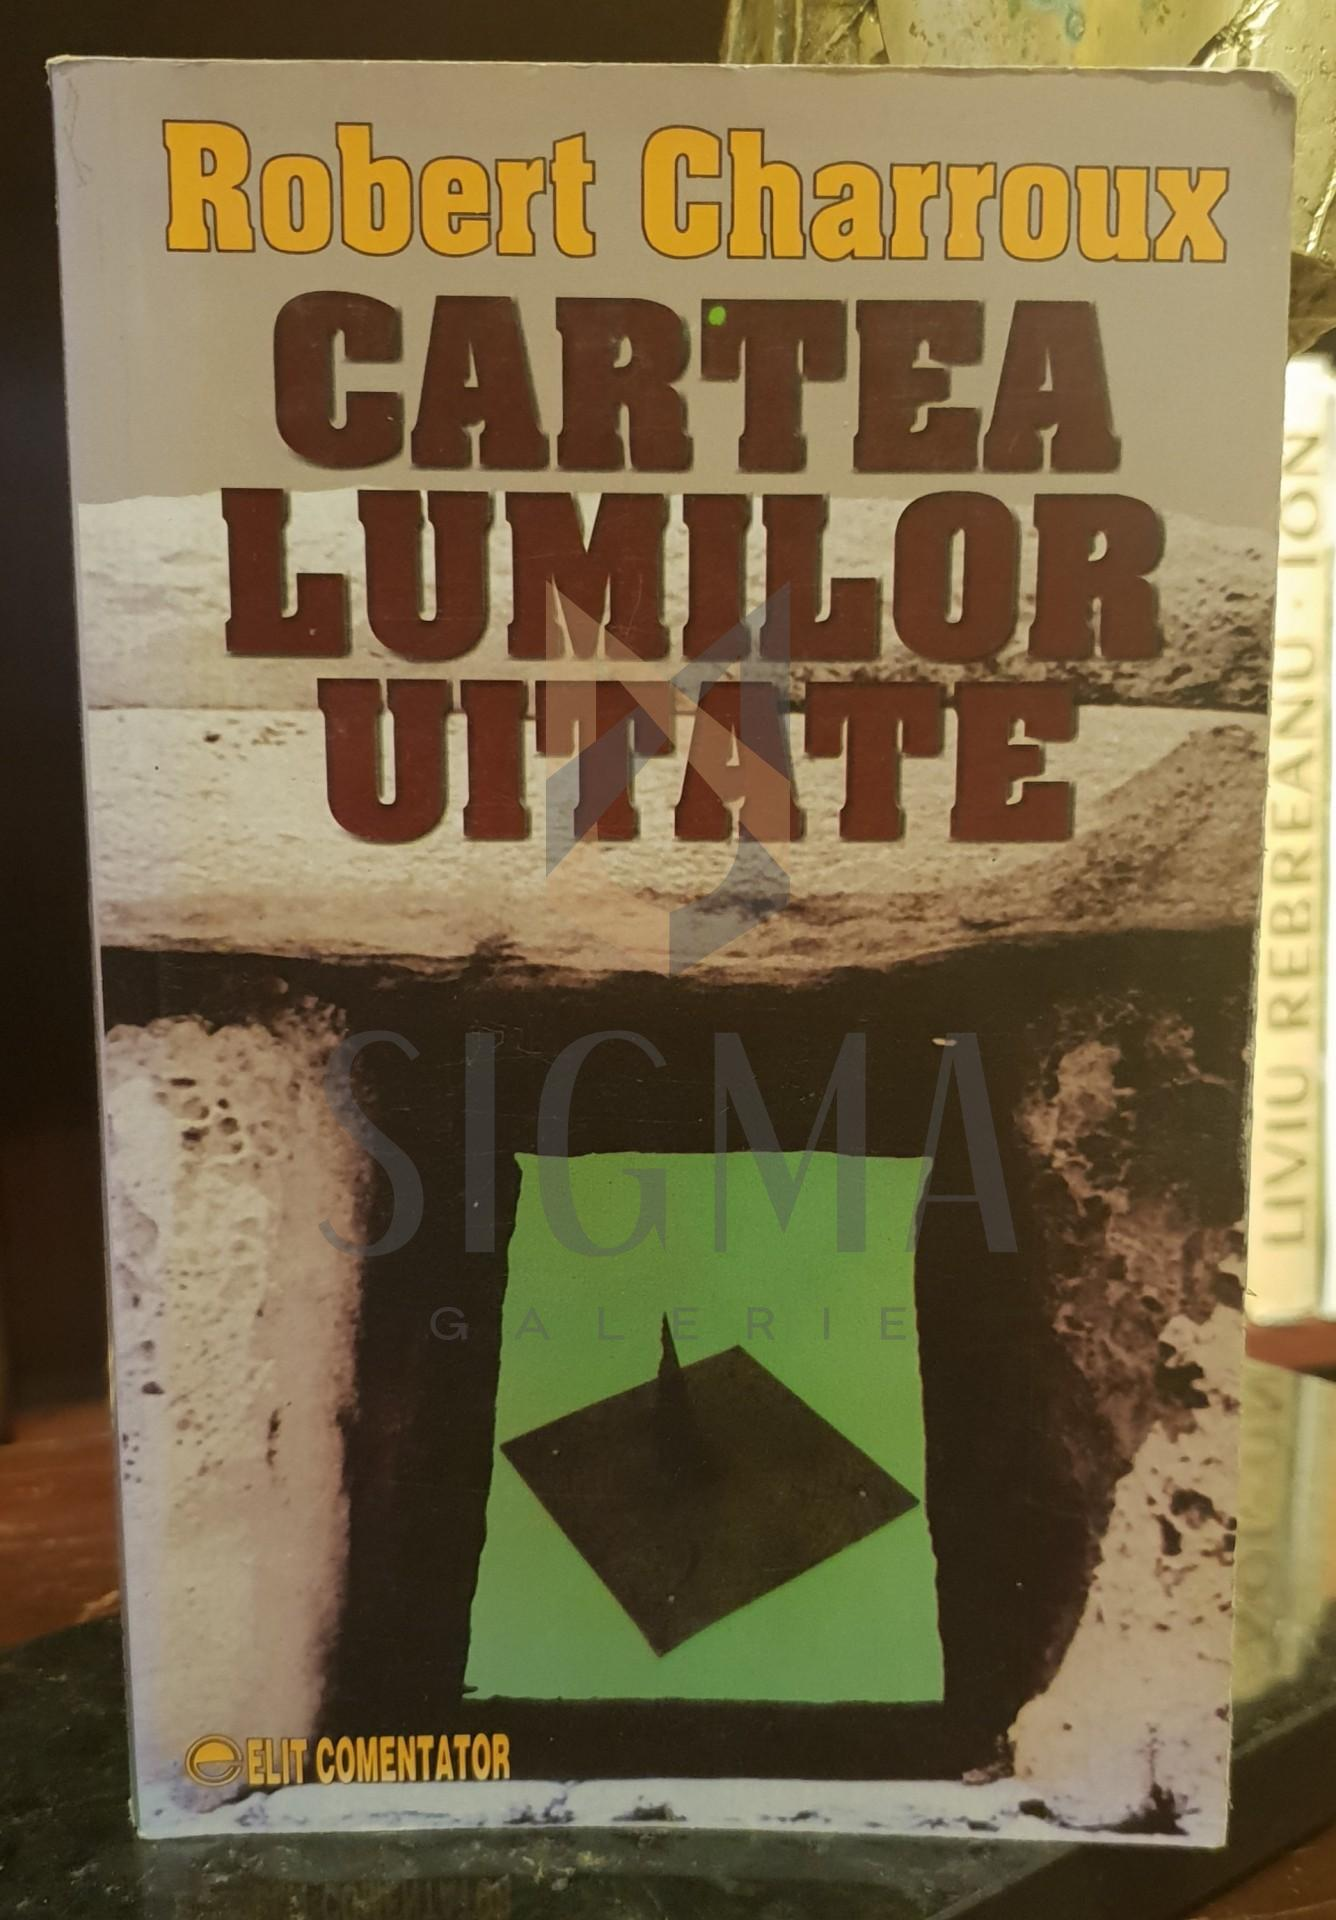 CARTEA LUMILOR UITATE